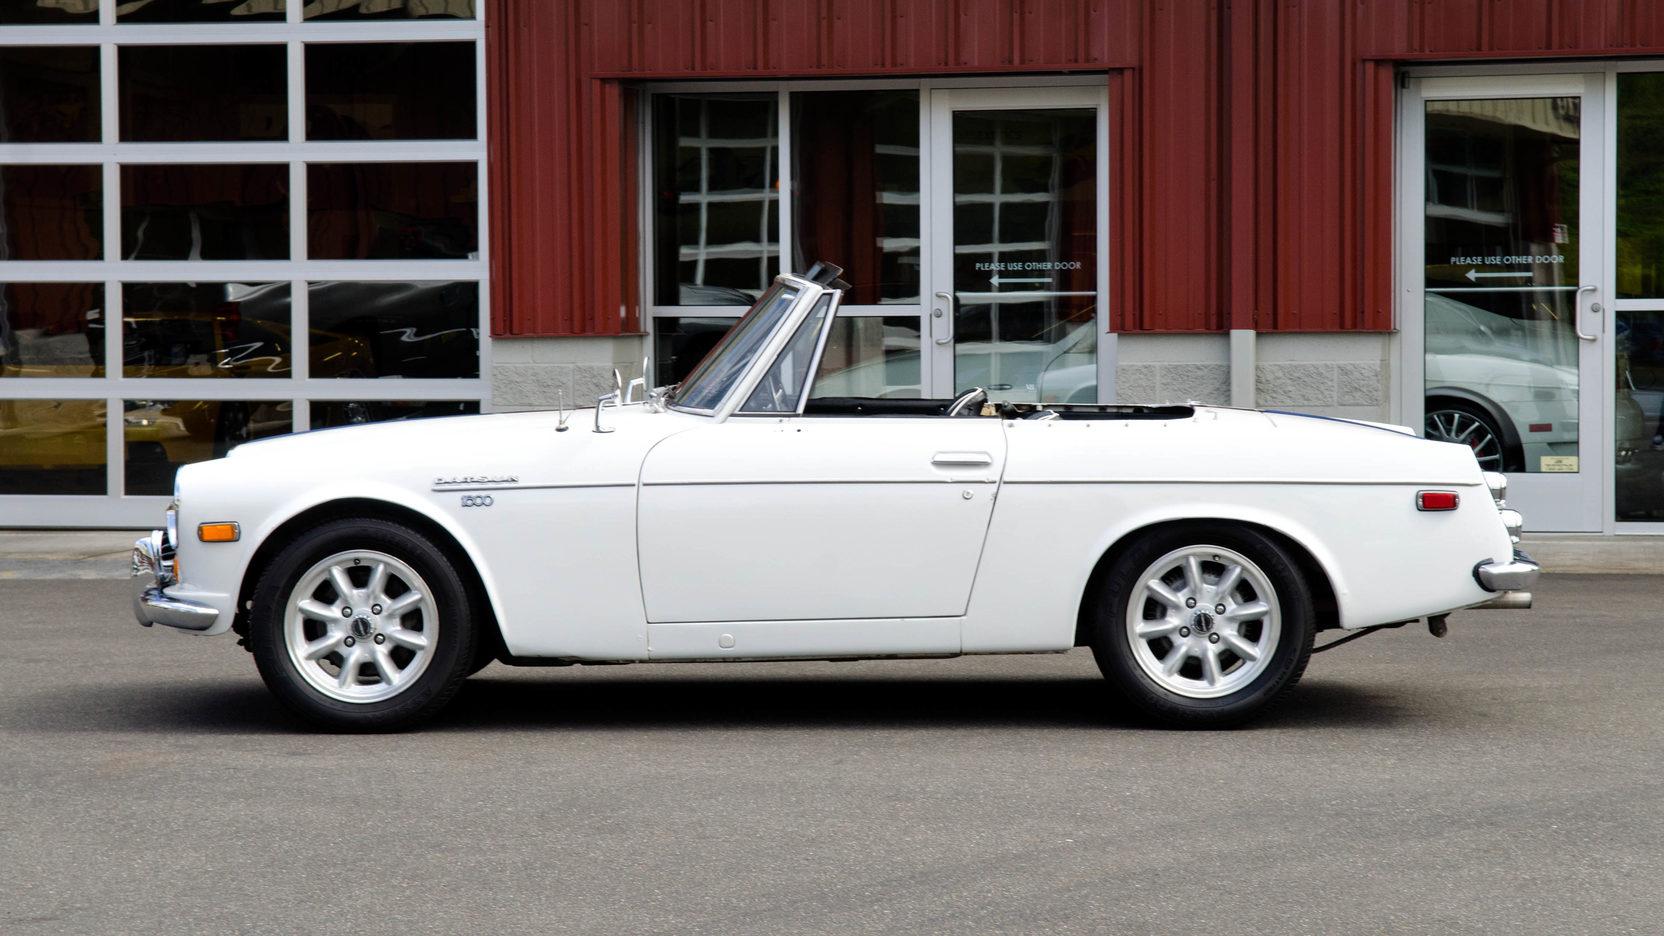 1970 Datsun 1600 profile